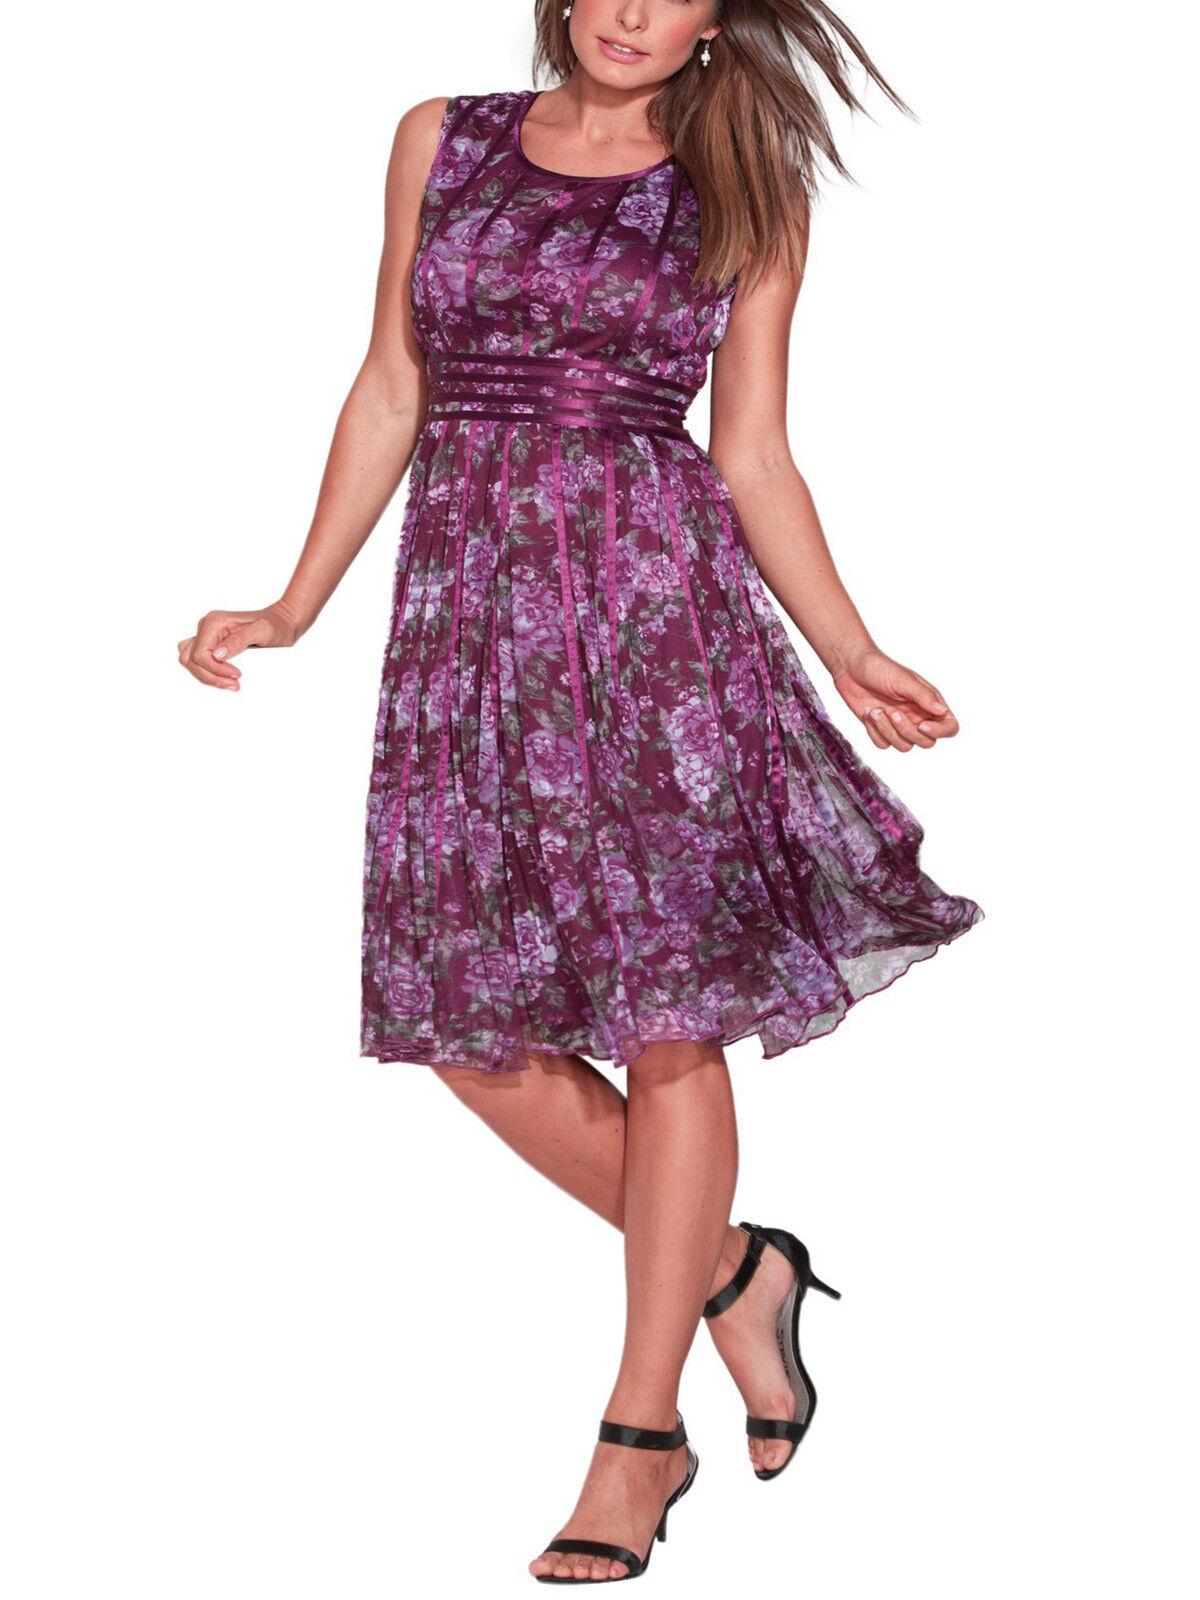 Kleid Gr.46+50+54+58 Damen festlich Lila Blüten Abendkleid Cocktailkleid knielan